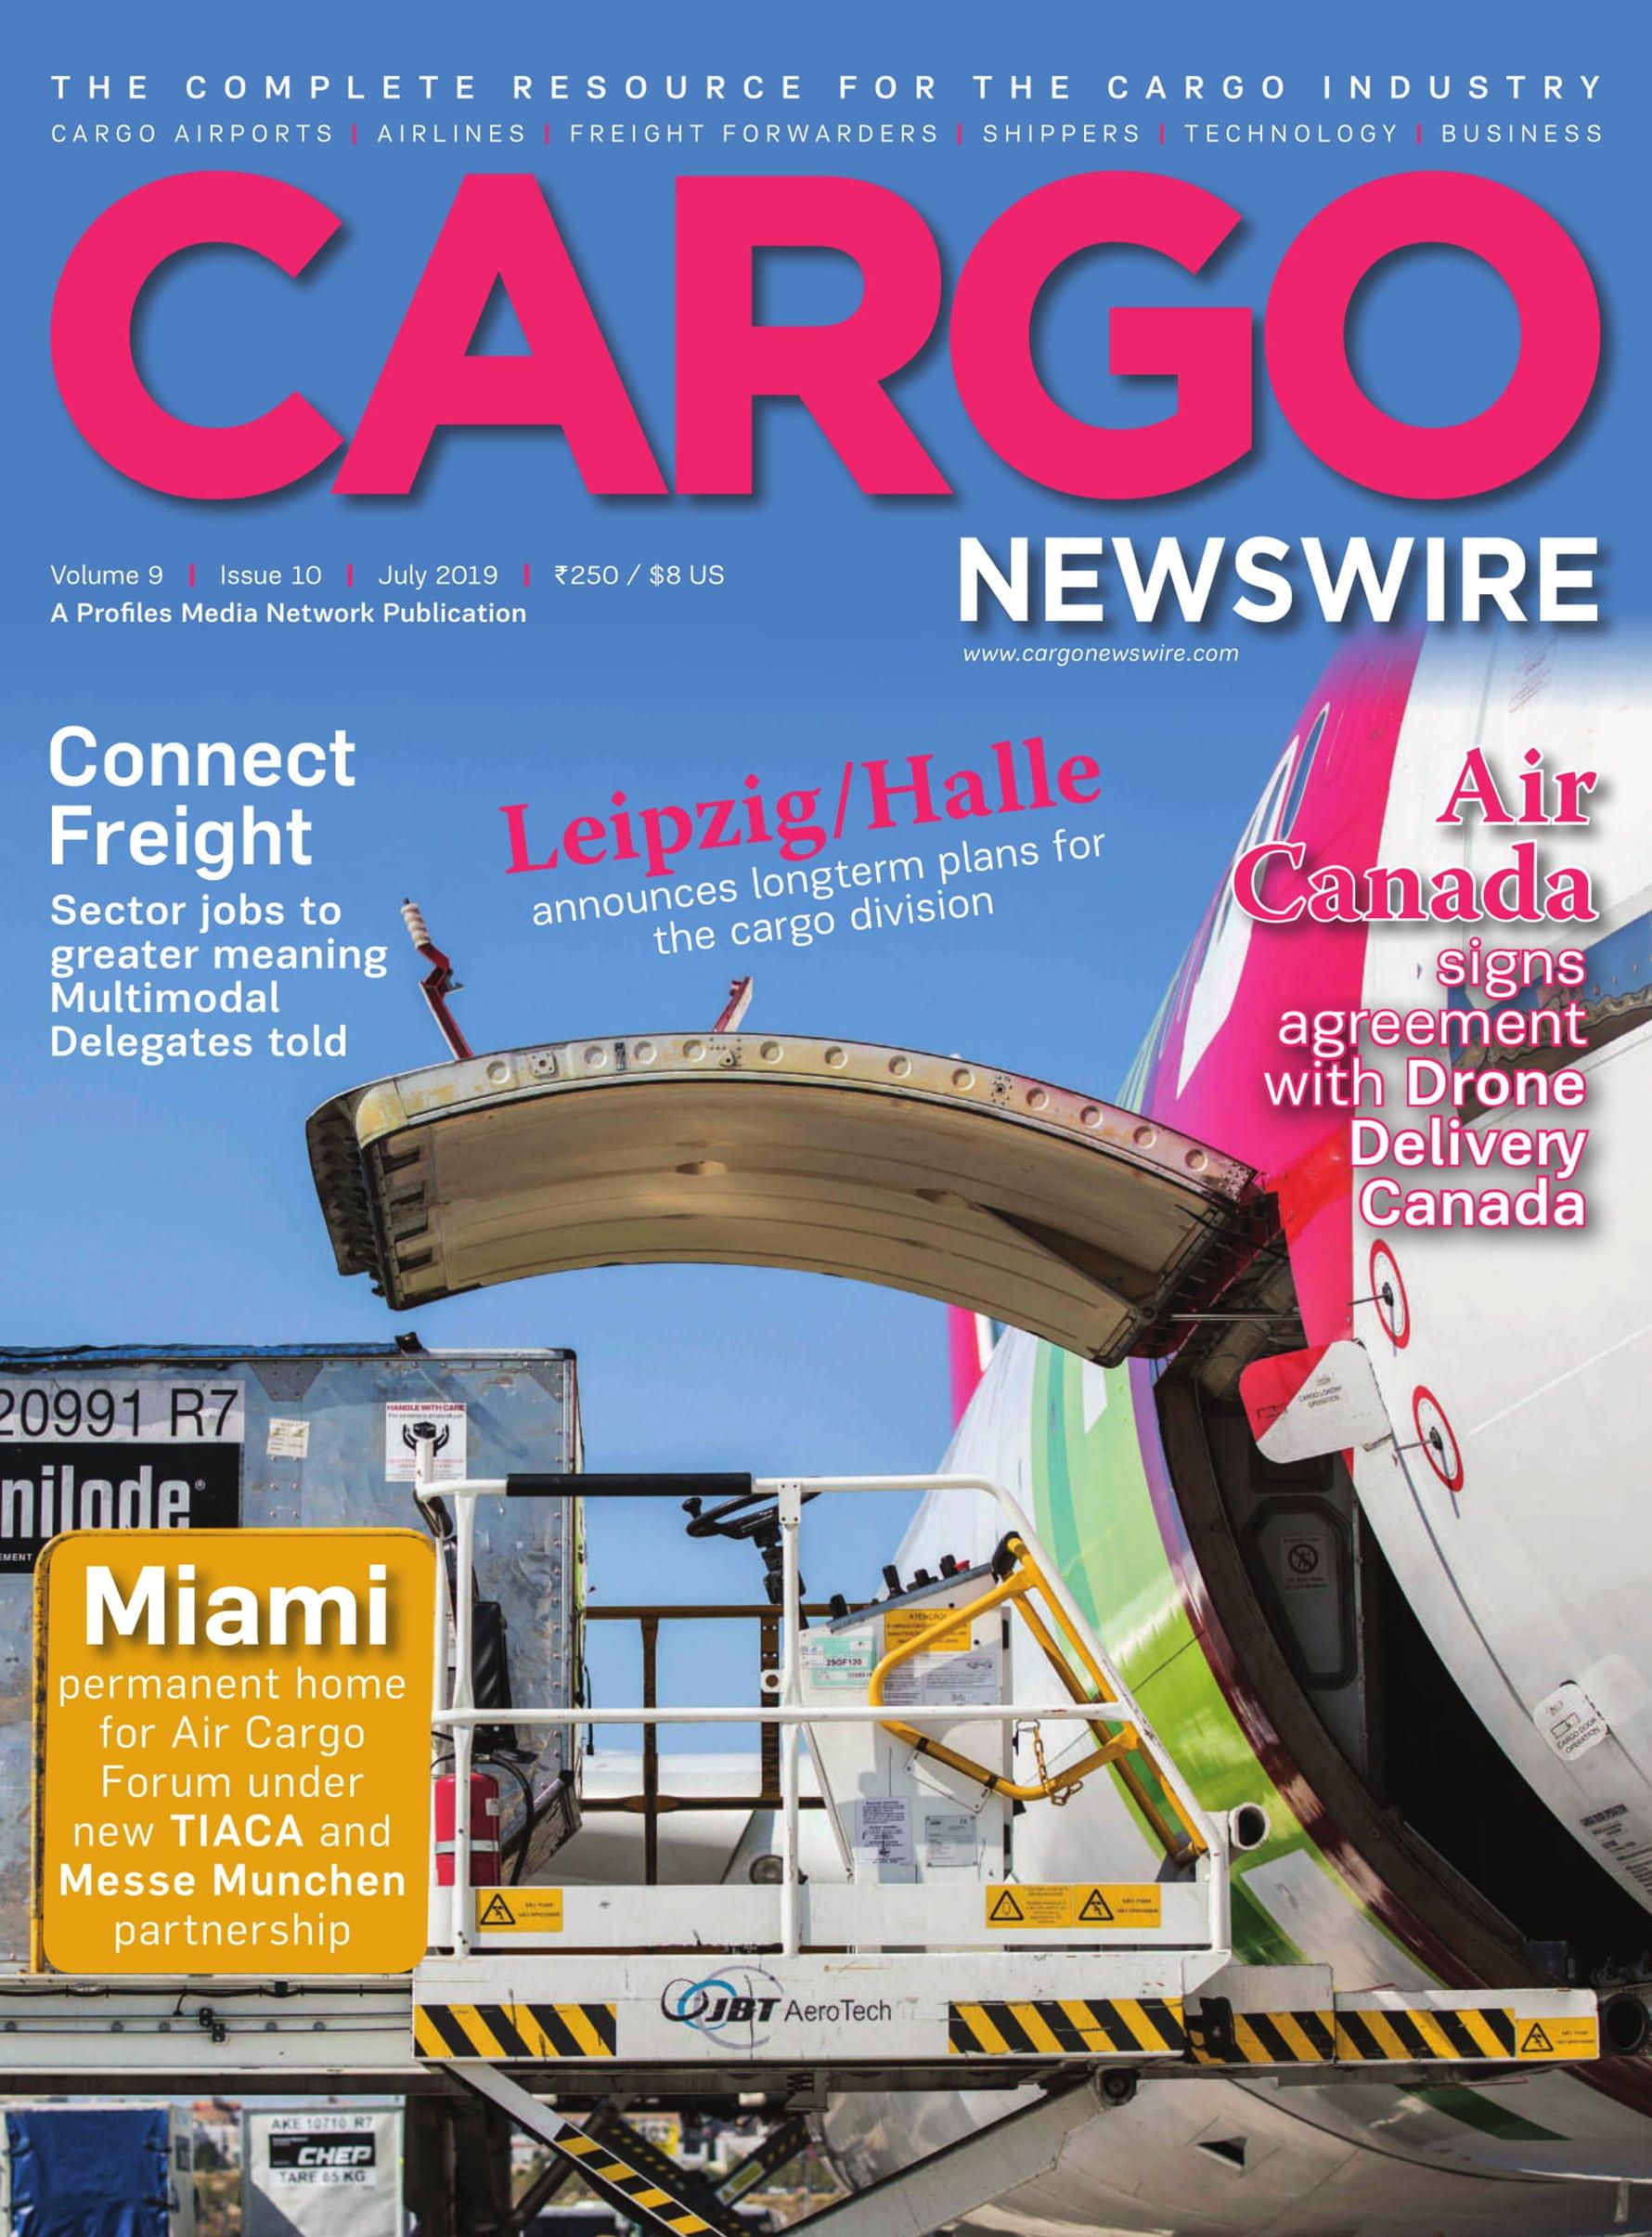 Homepage - Cargo Newswire - International Cargo Wire News